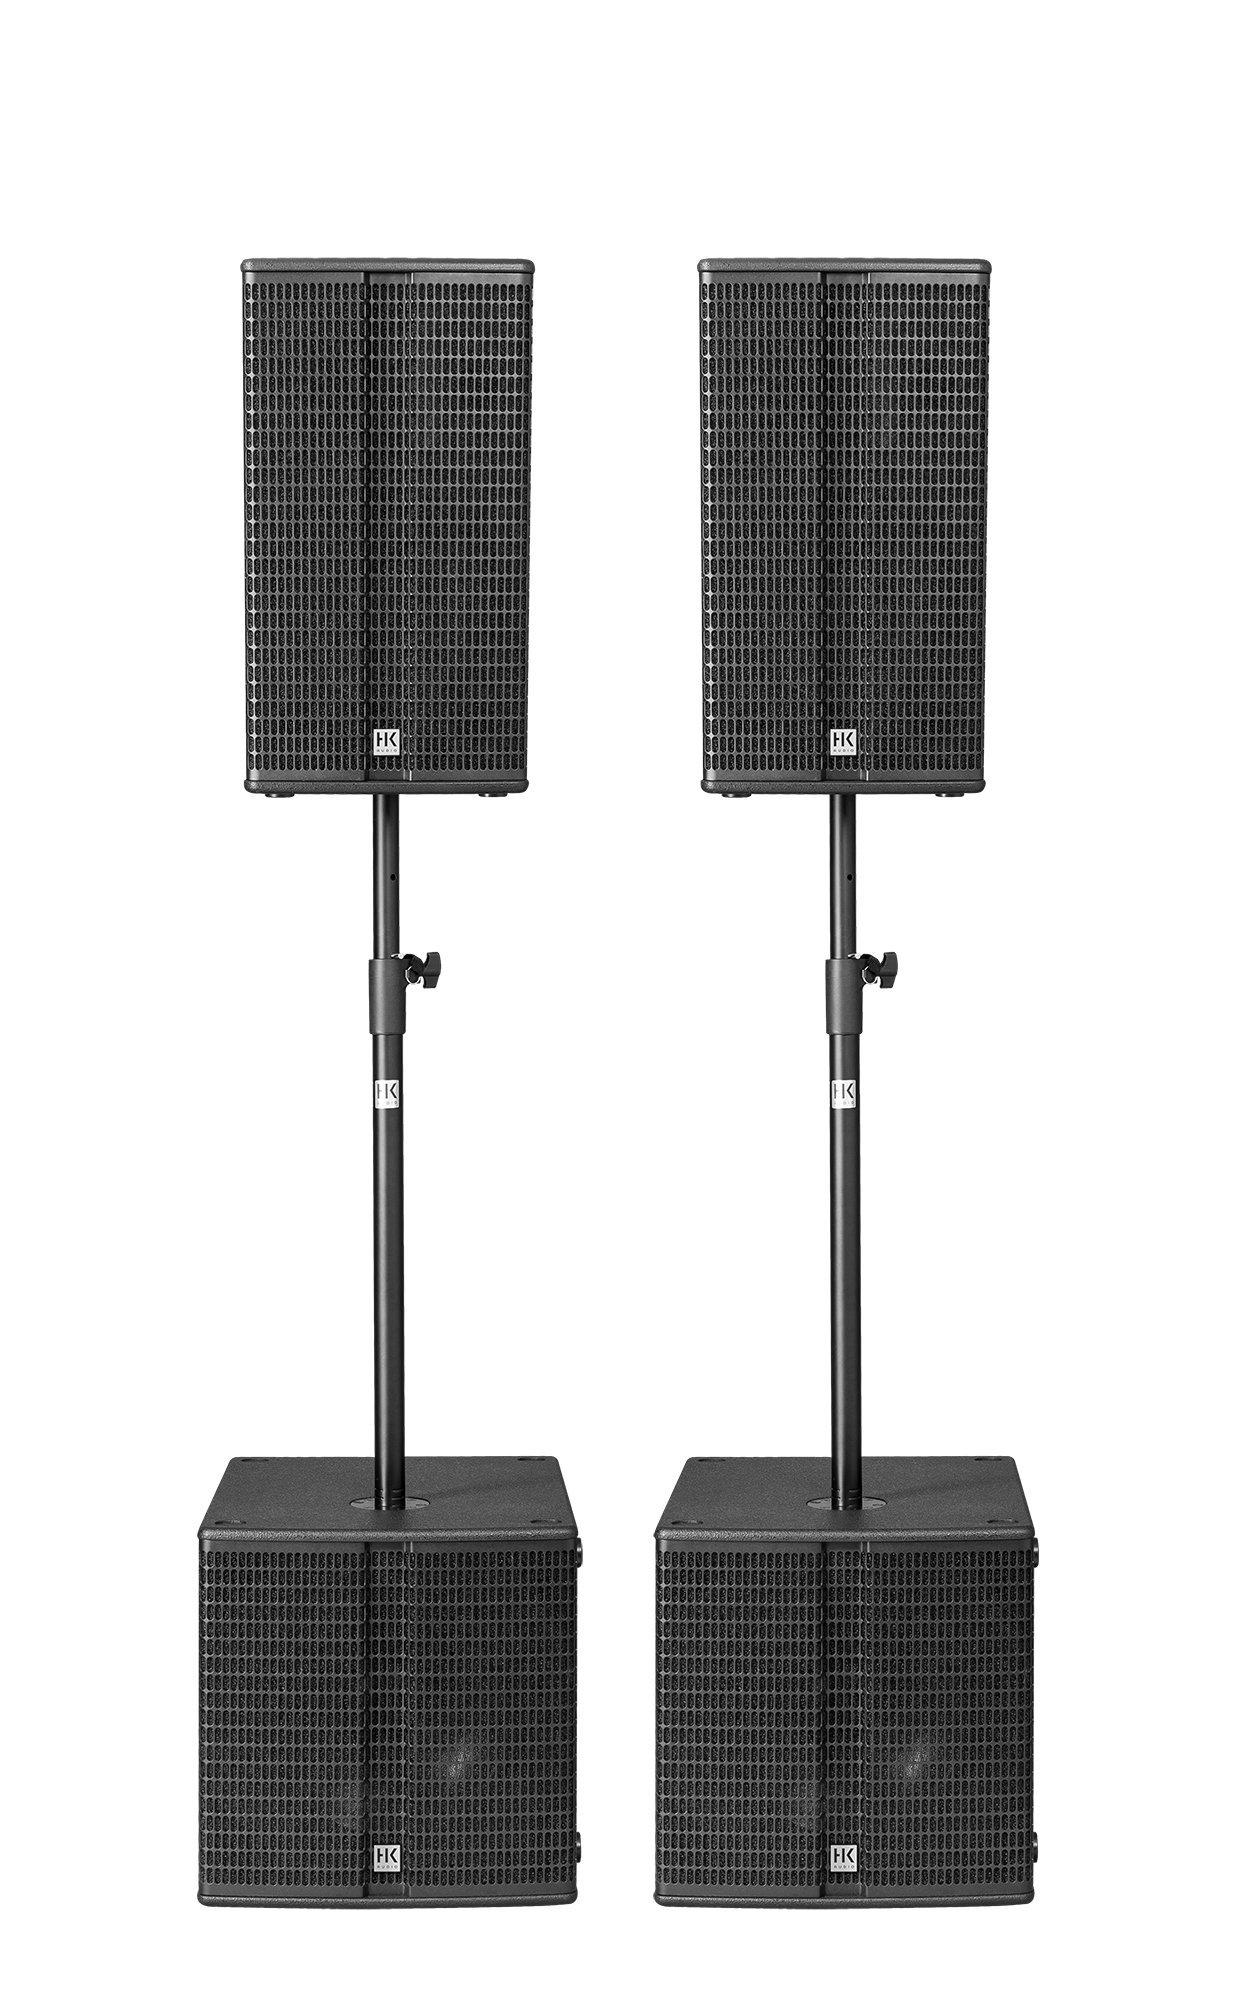 HK Audio L3 Compact Venue Pack